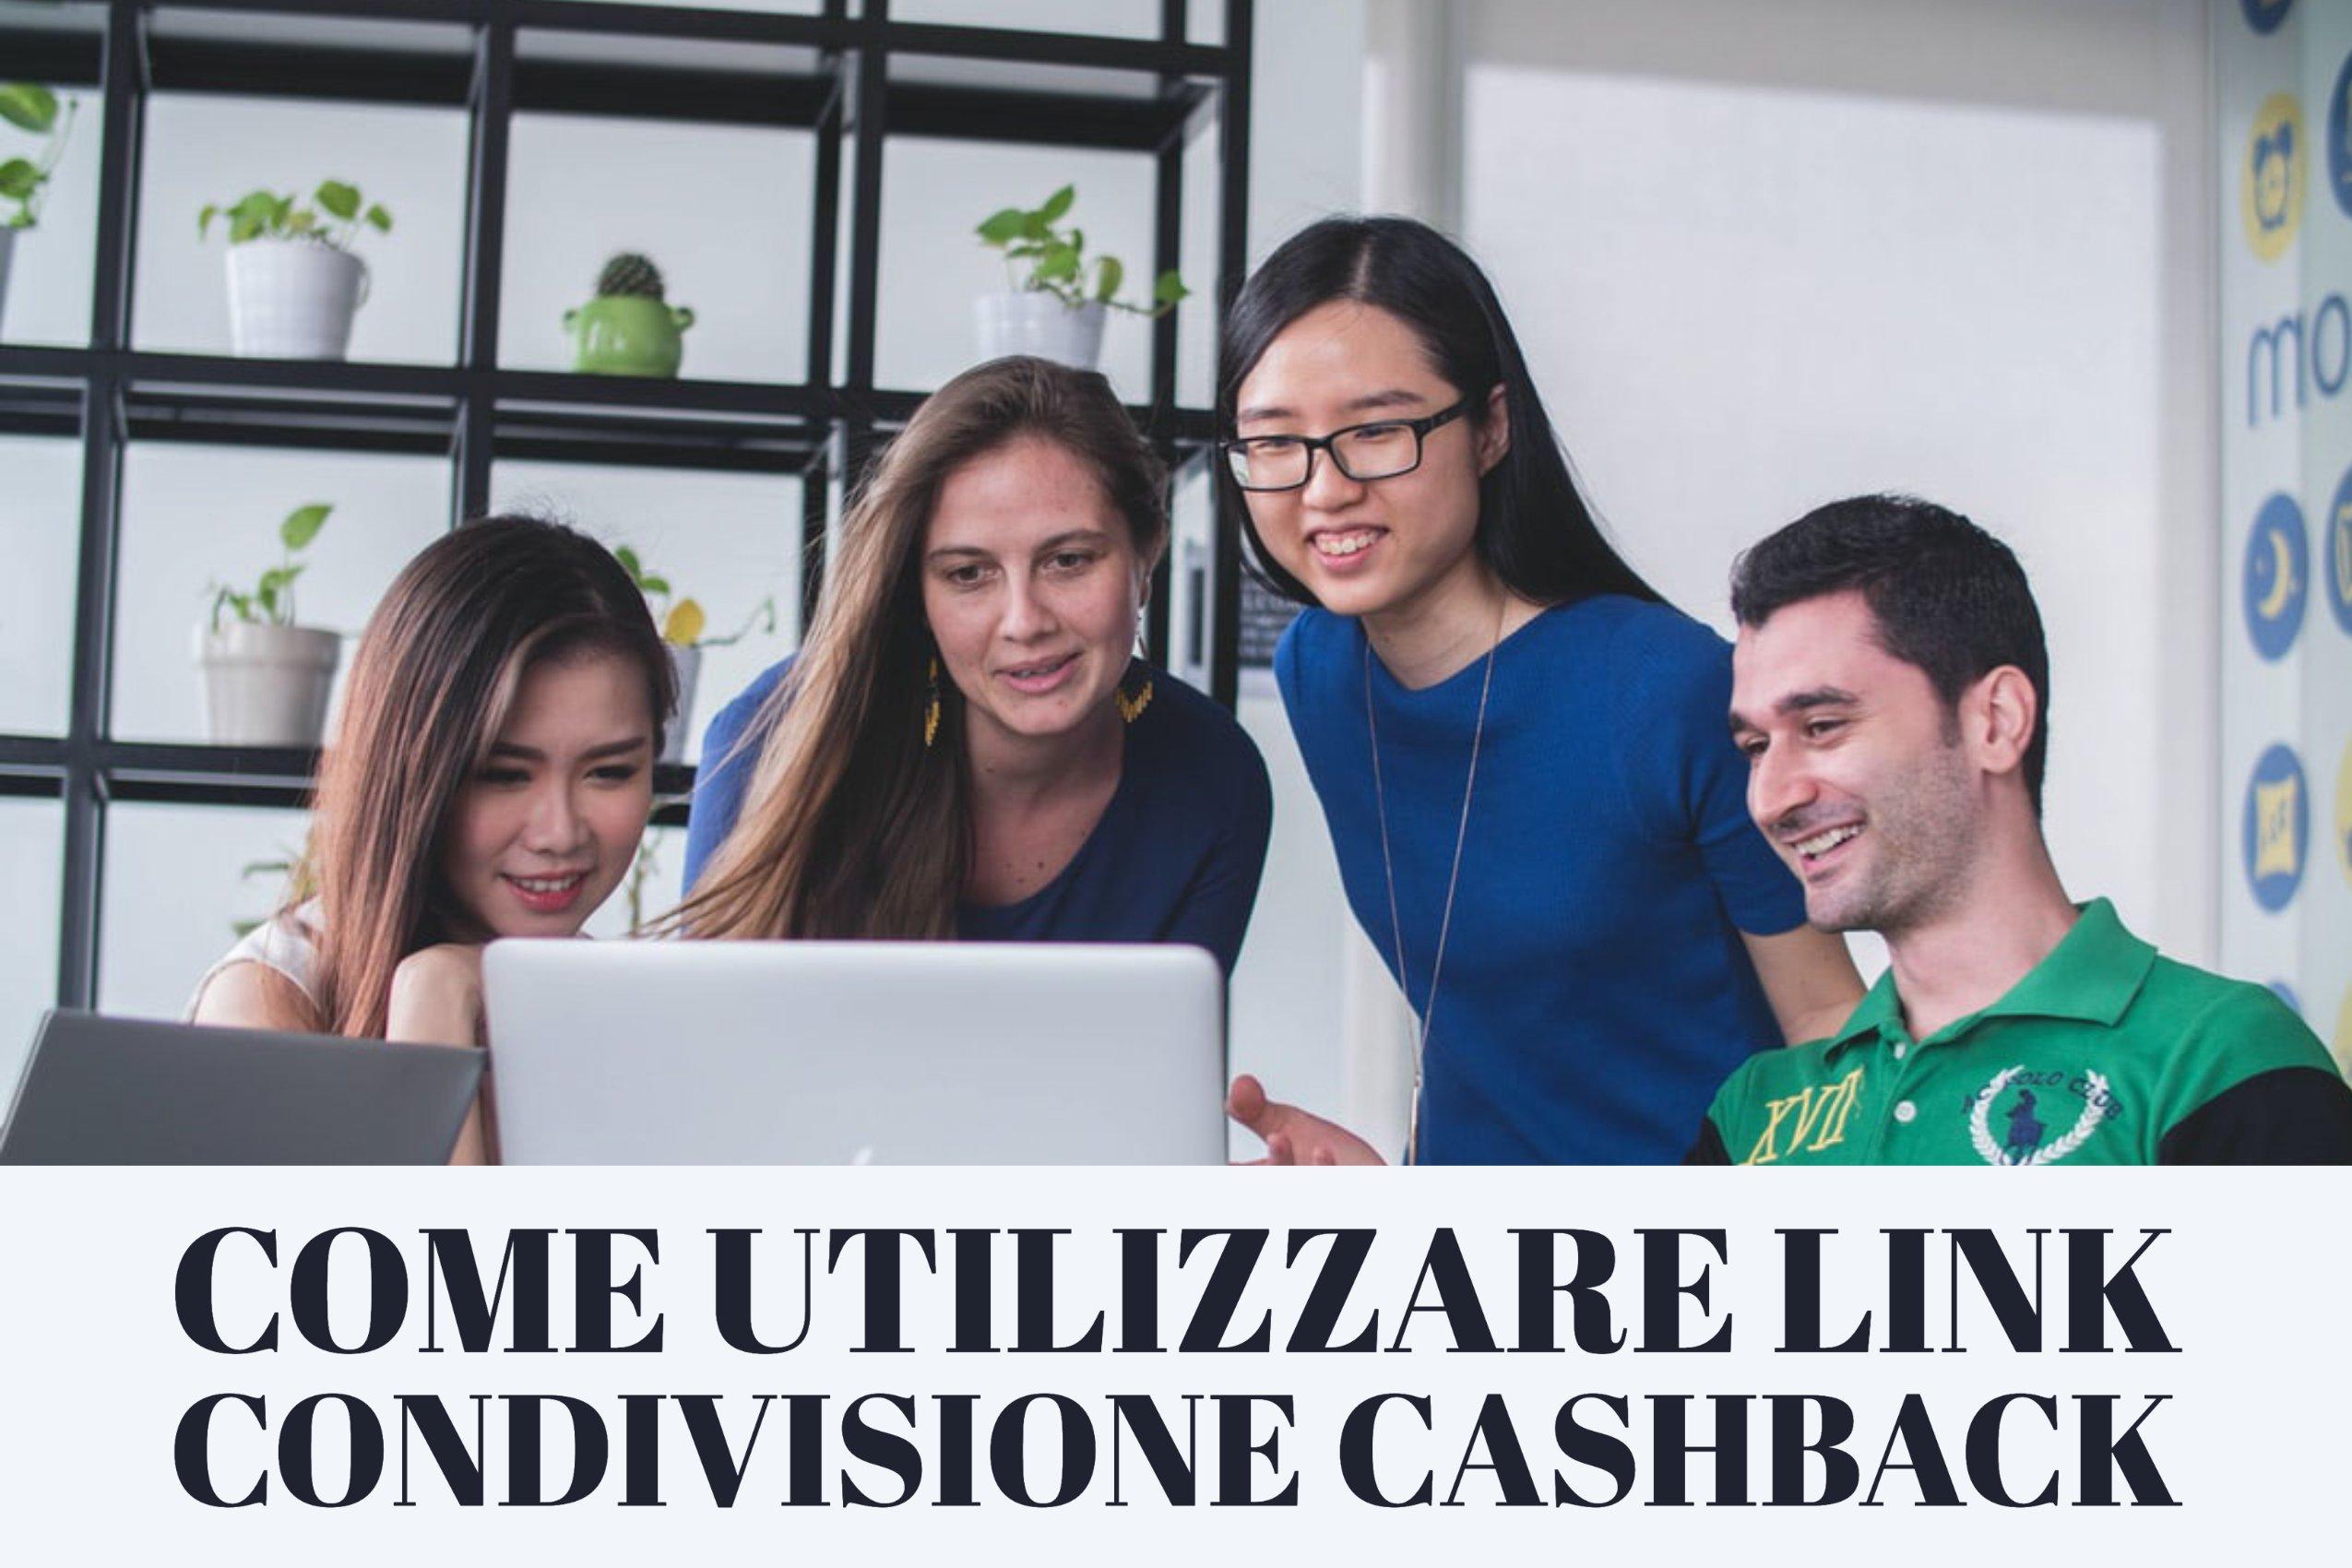 Cashback: come utilizzare il link e iniziare a guadagnare commissioni